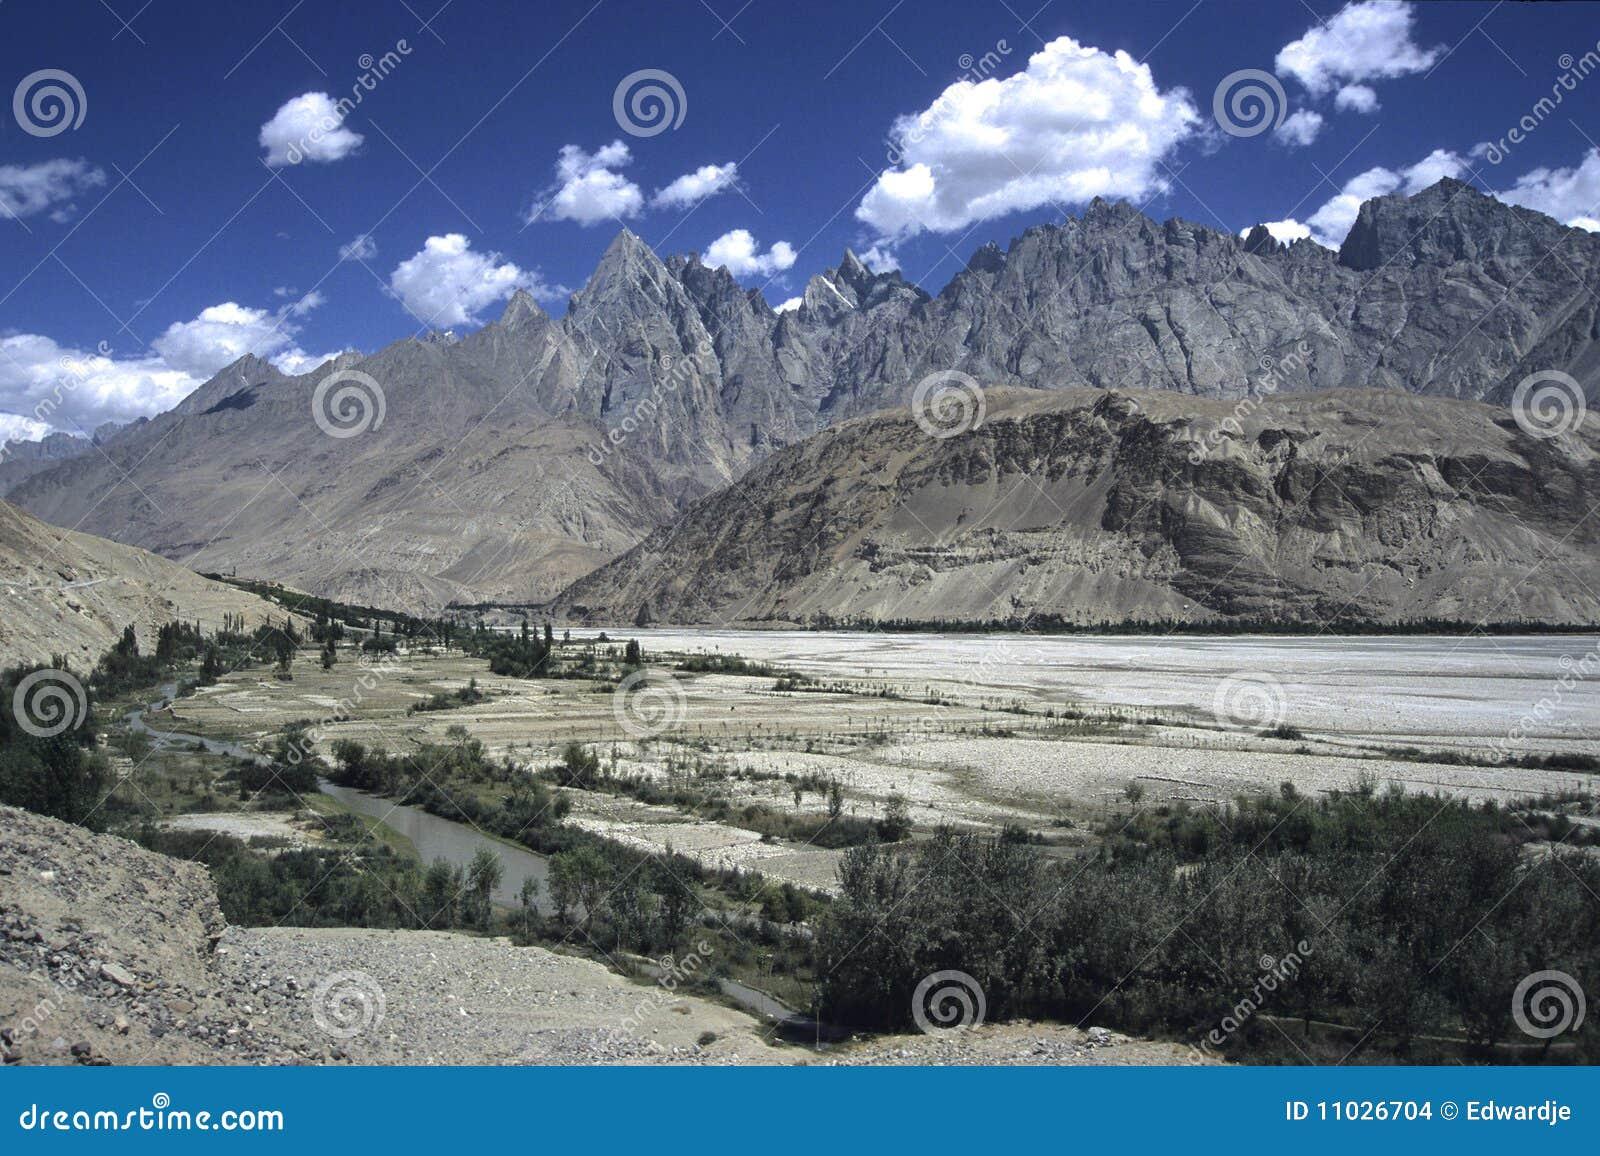 Pakistan Mountains 2